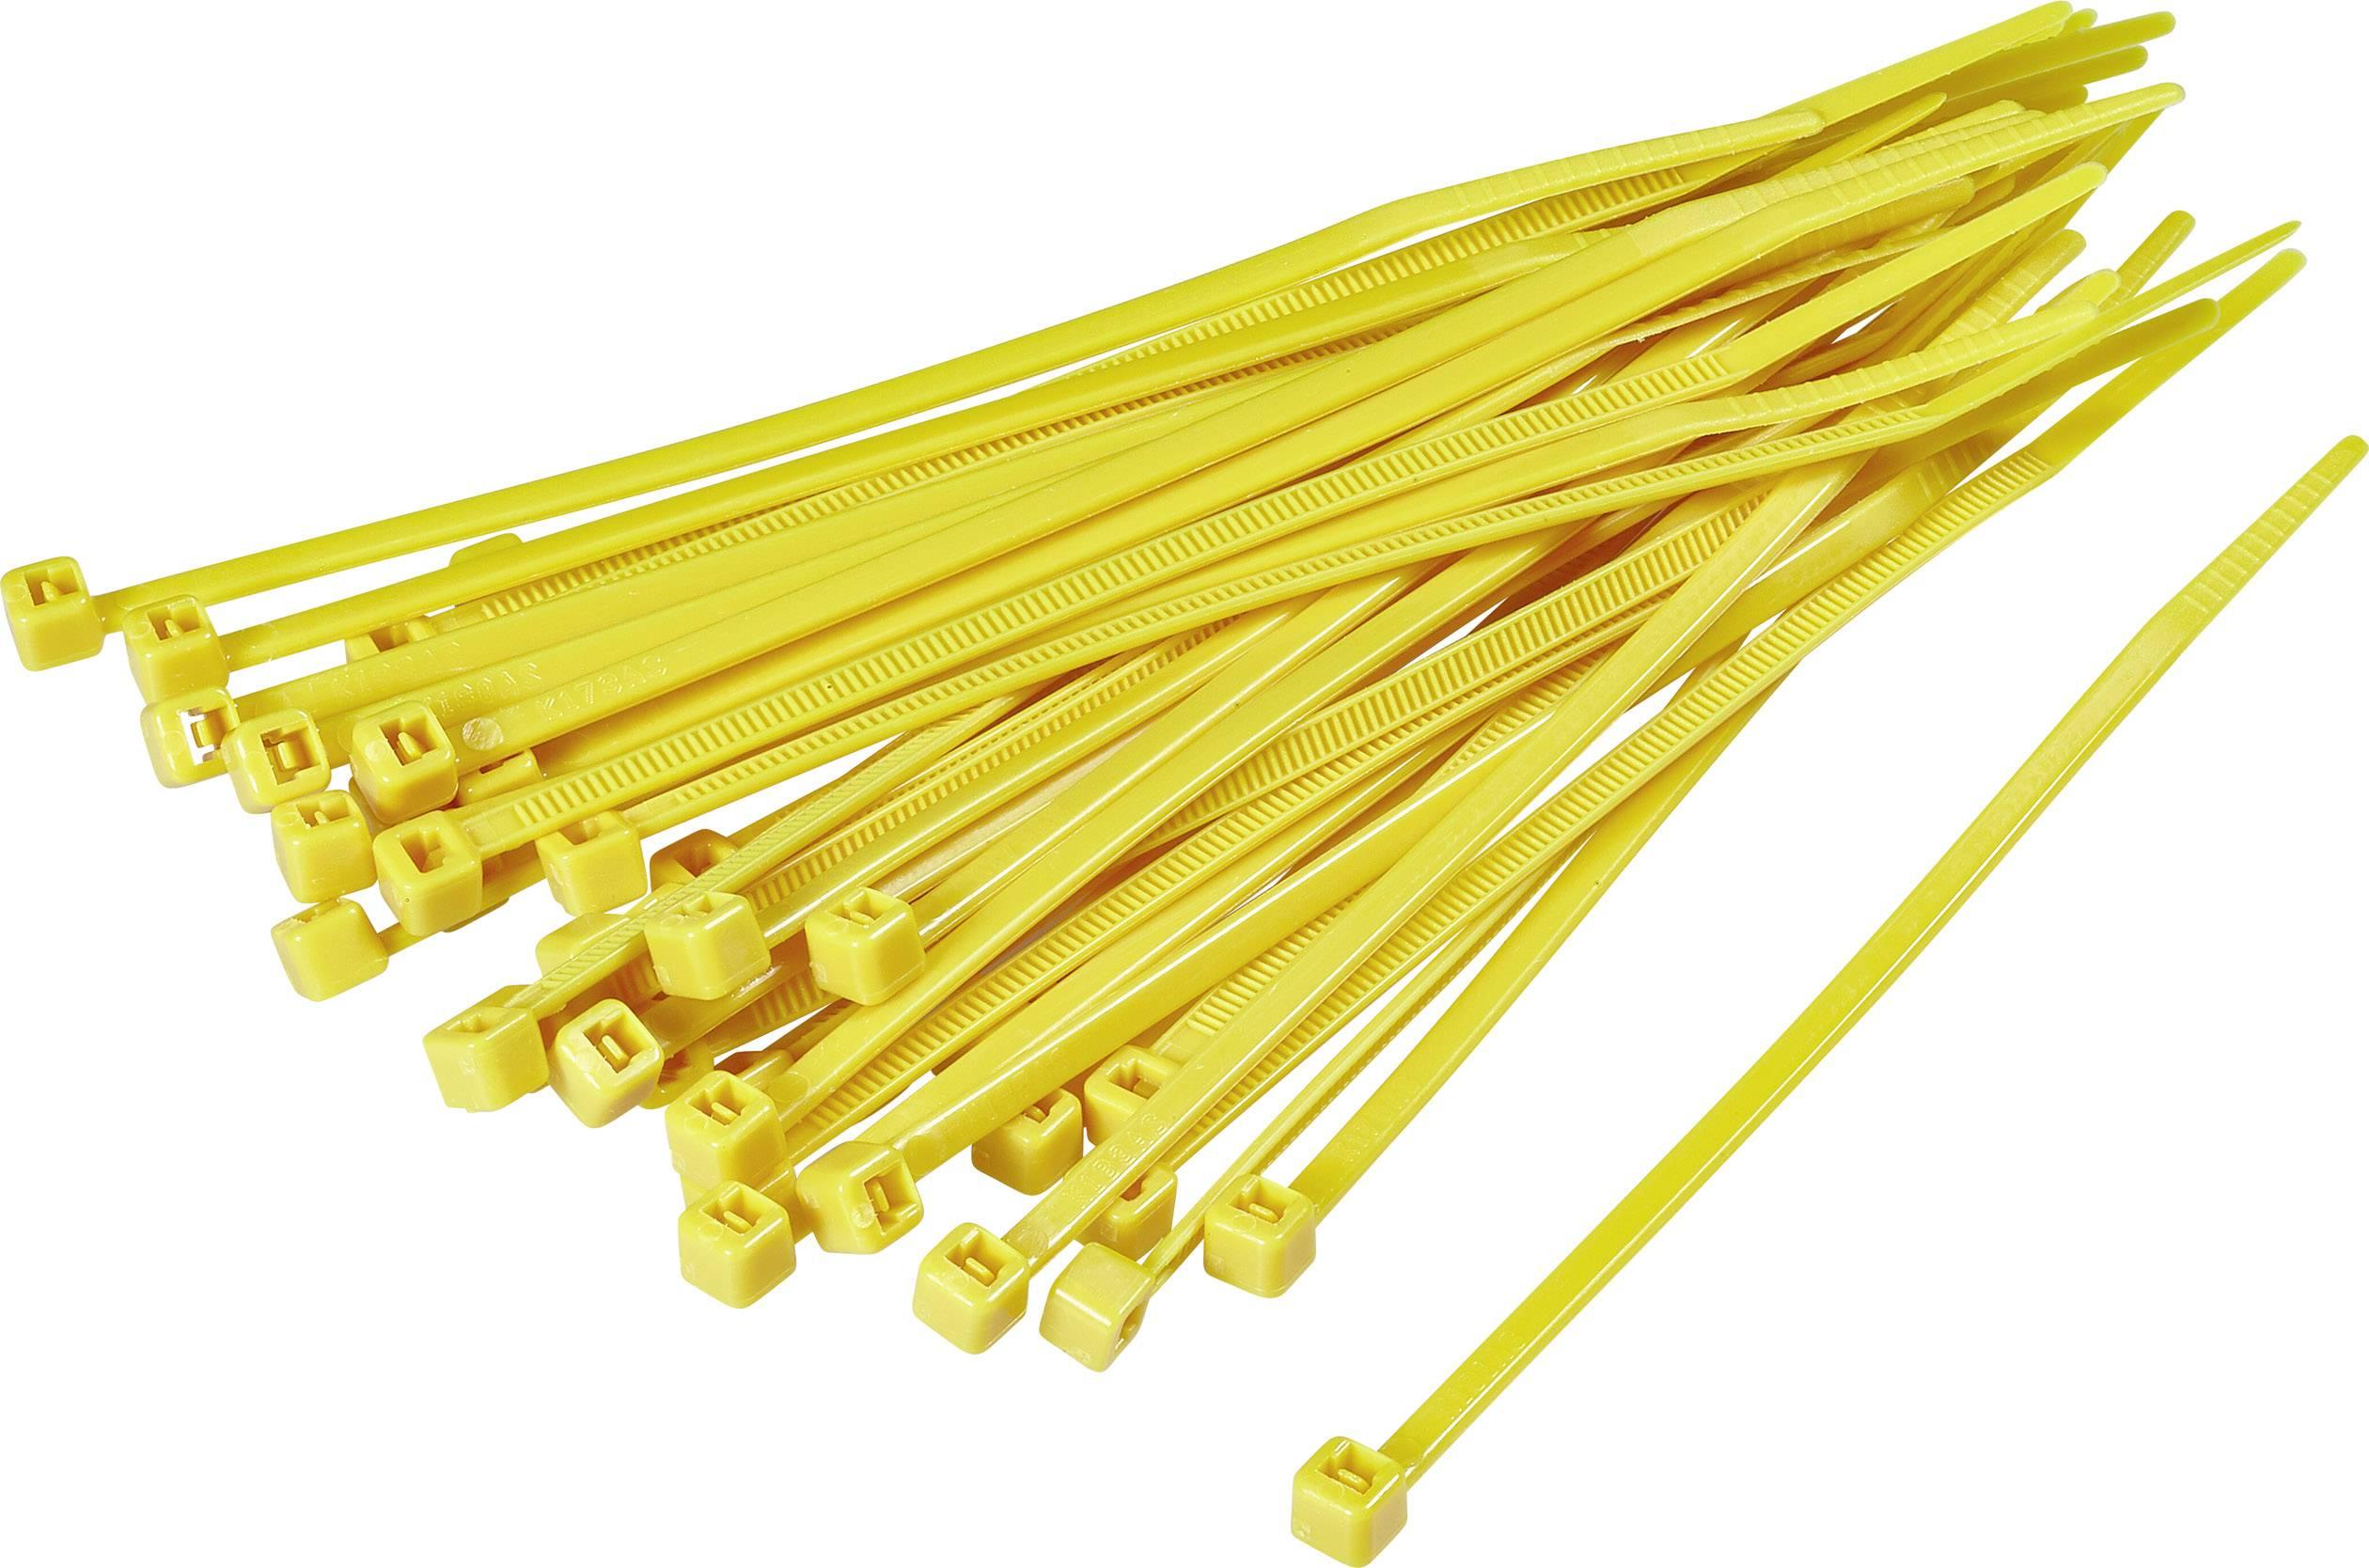 Sťahovacie pásky KSS CV100 1369076, 100 mm, žltá, 100 ks